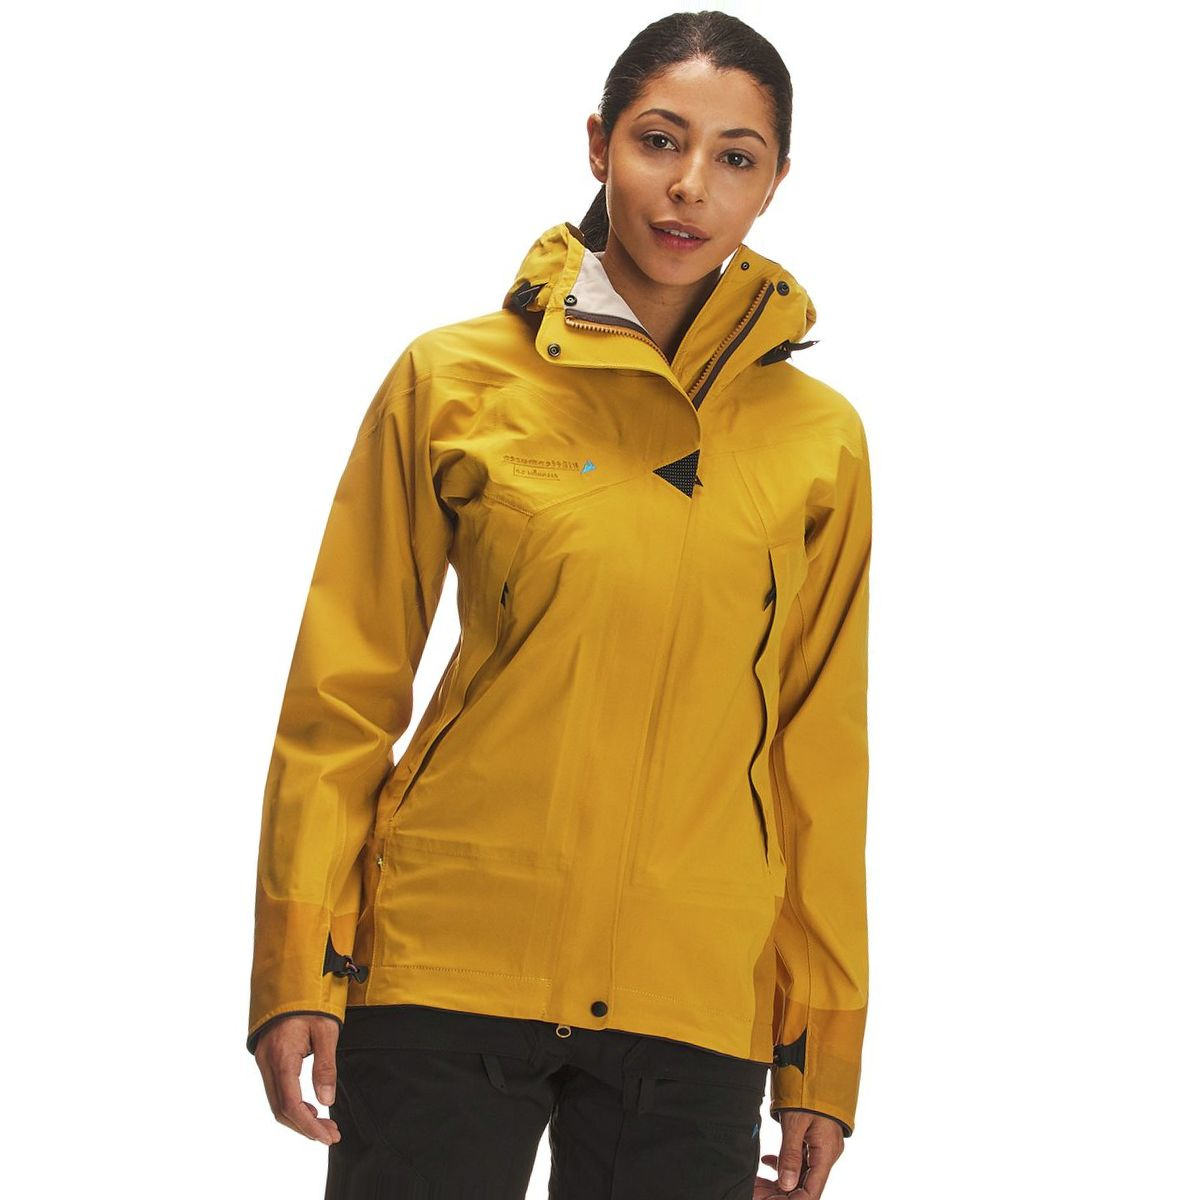 Klattermusen Allgron 2.0 Jacket - Women's